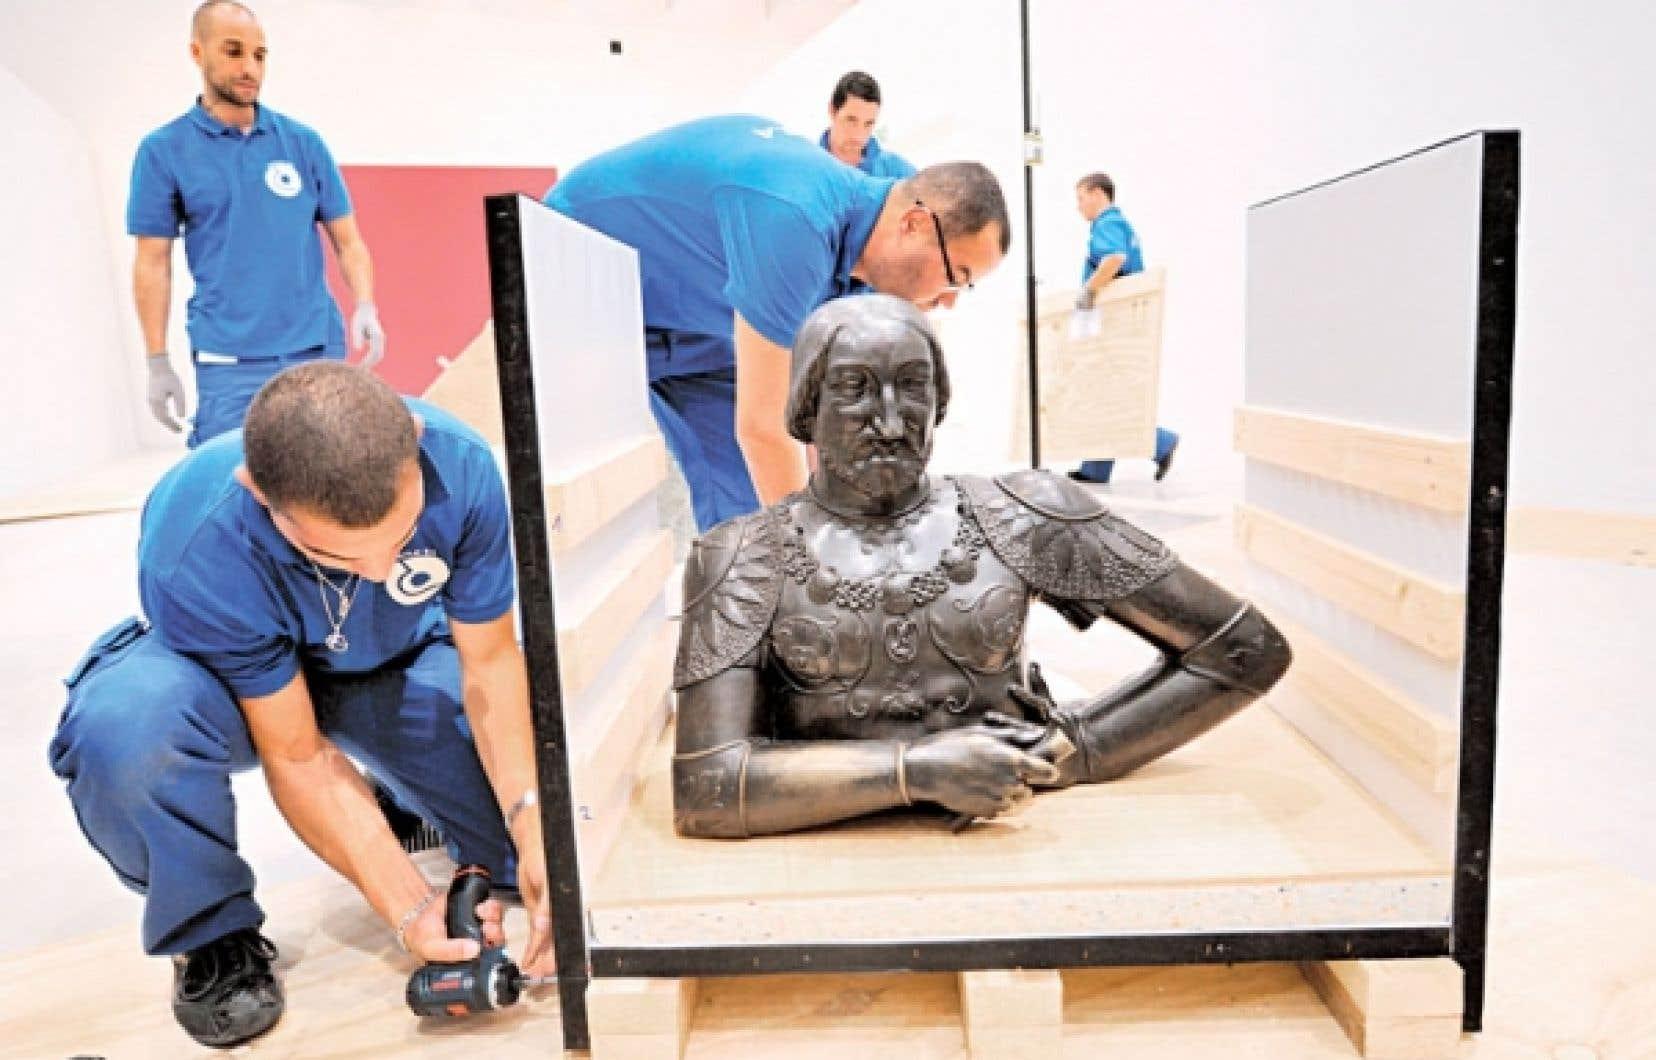 Les œuvres commencent à arriver au Musée du Louvre à Lens, comme ce buste de François Ier. L'ouverture de cette annexe dans le nord de la France est prévue pour le mois de décembre.